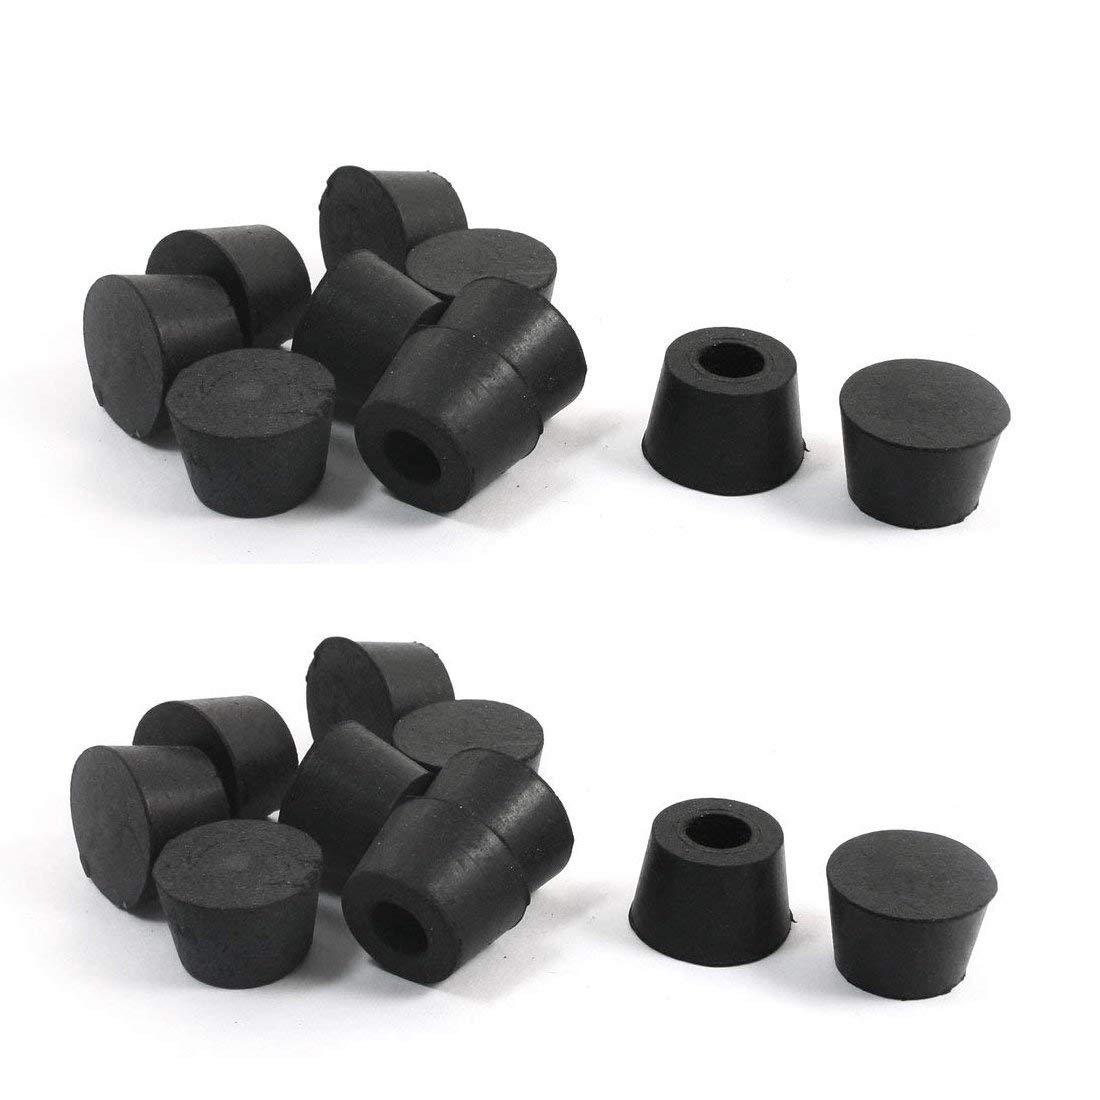 Furniture Legs 20pcs Rubber Instrument Case Feet Bumper 25mm X 13mm Furniture